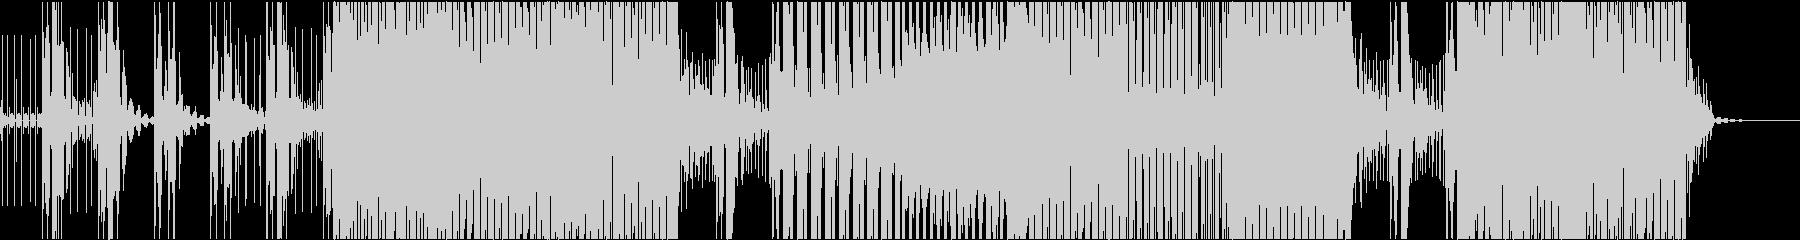 テクノ風BGMの未再生の波形